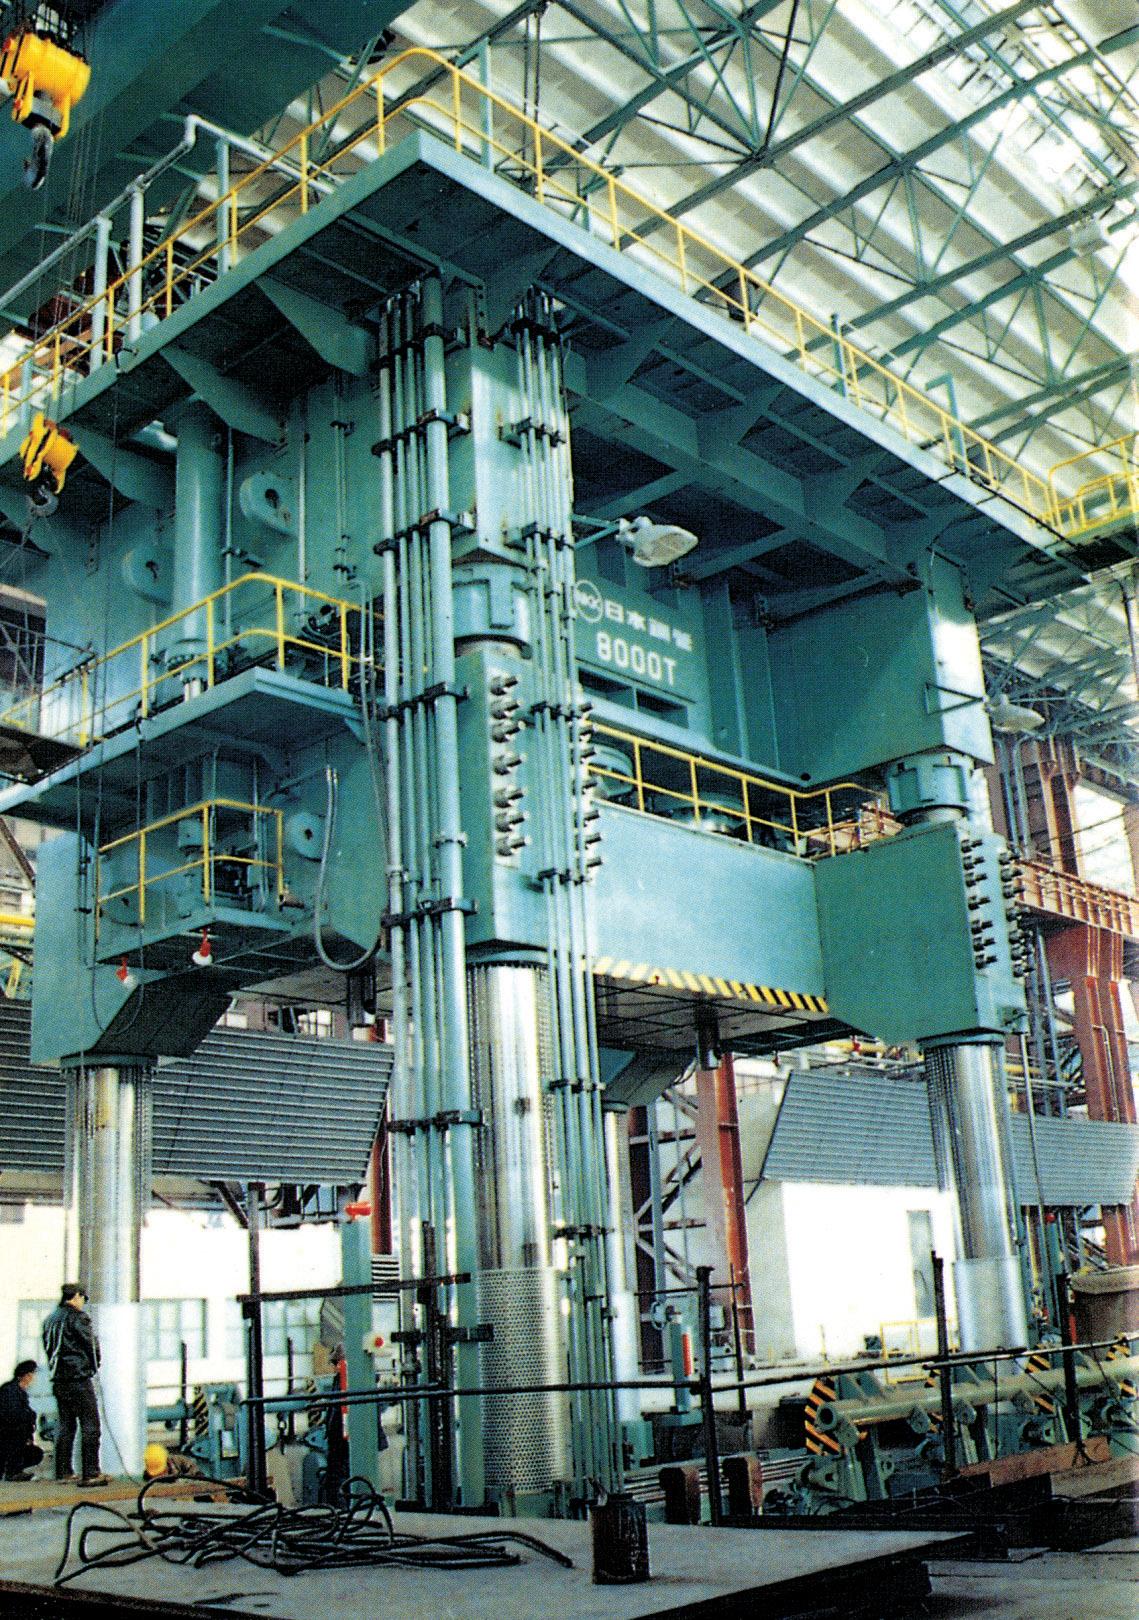 12-4哈尔滨锅炉厂焊接技术中心8000t油压机(1986年国内最大的油压机)安装工程.jpg